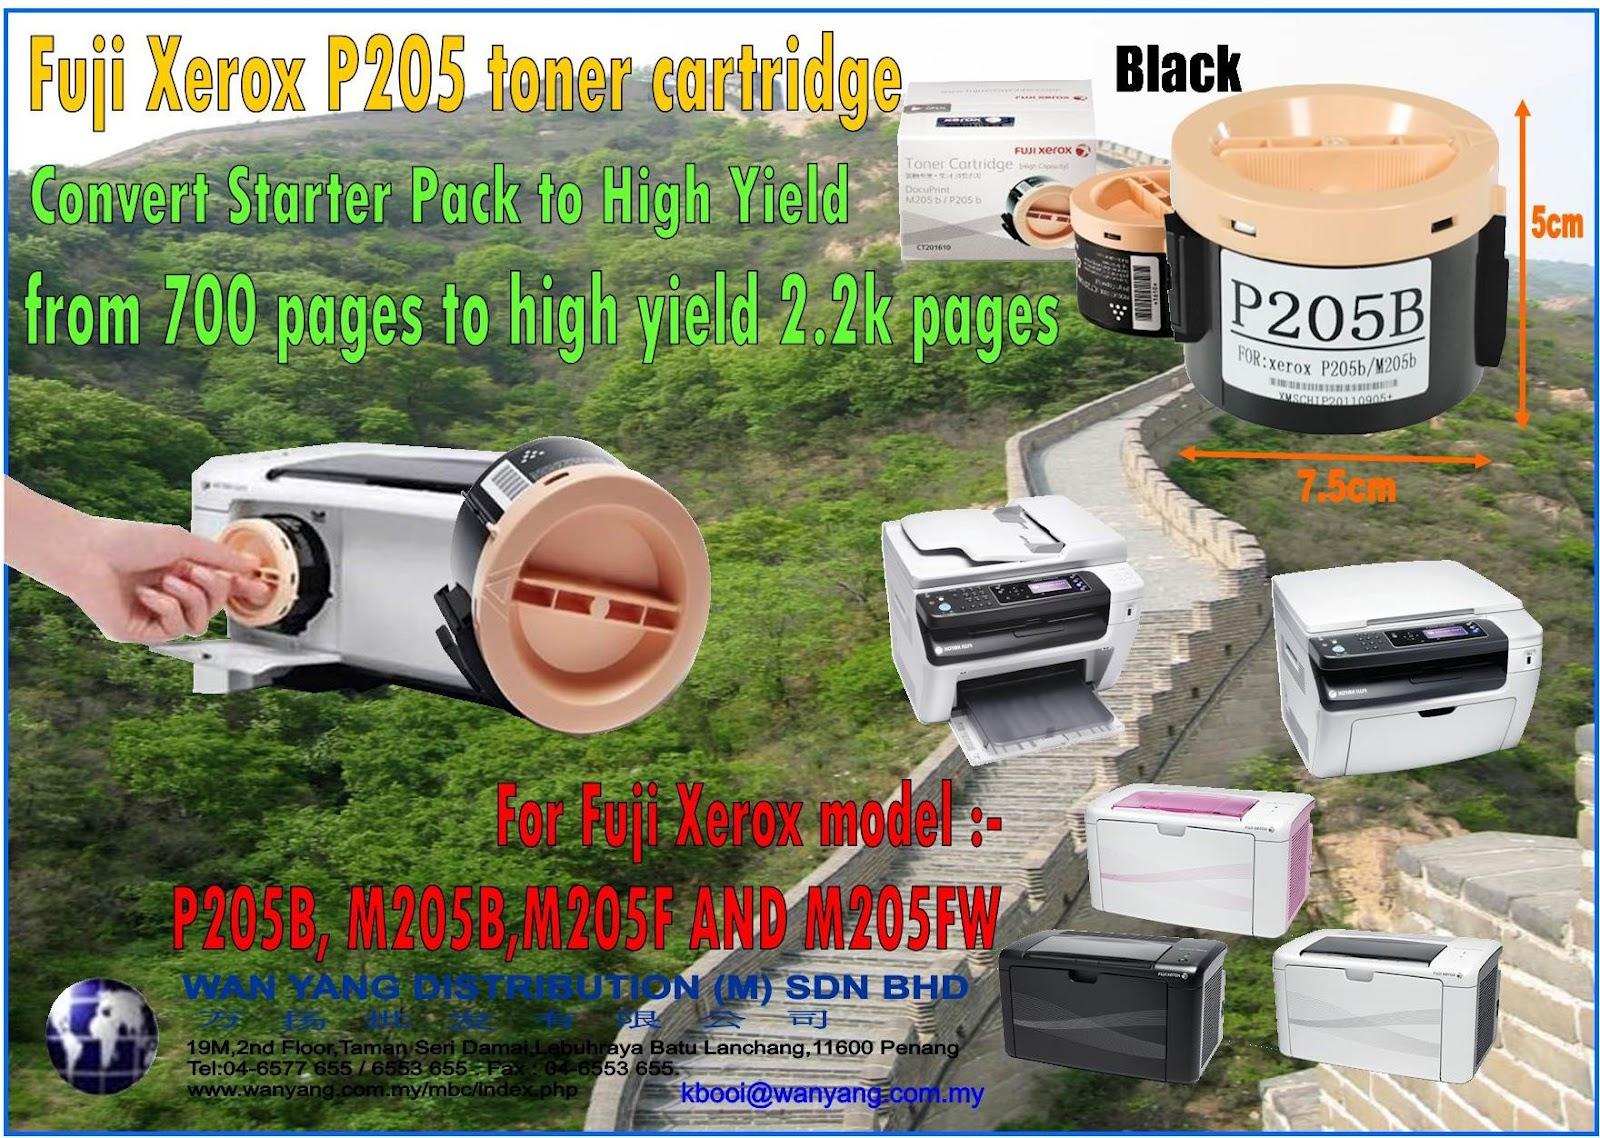 Convert your Fuji Xerox P205 toner cartridge to high yield